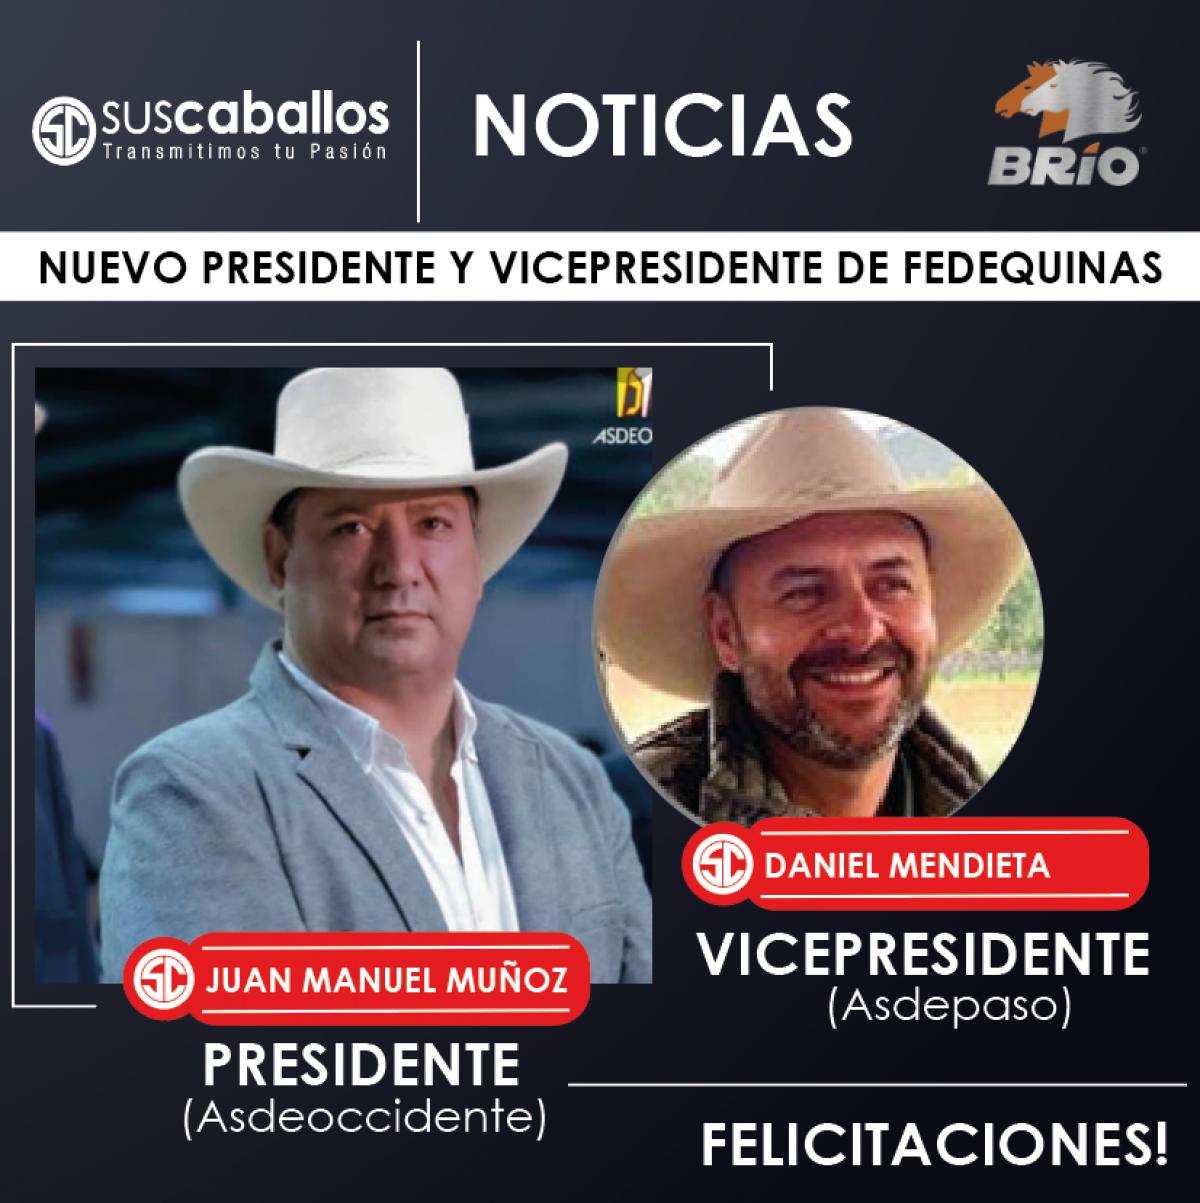 NUEVO PRESIDENTE Y VICEPRESIDENTE DE FEDEQUINAS